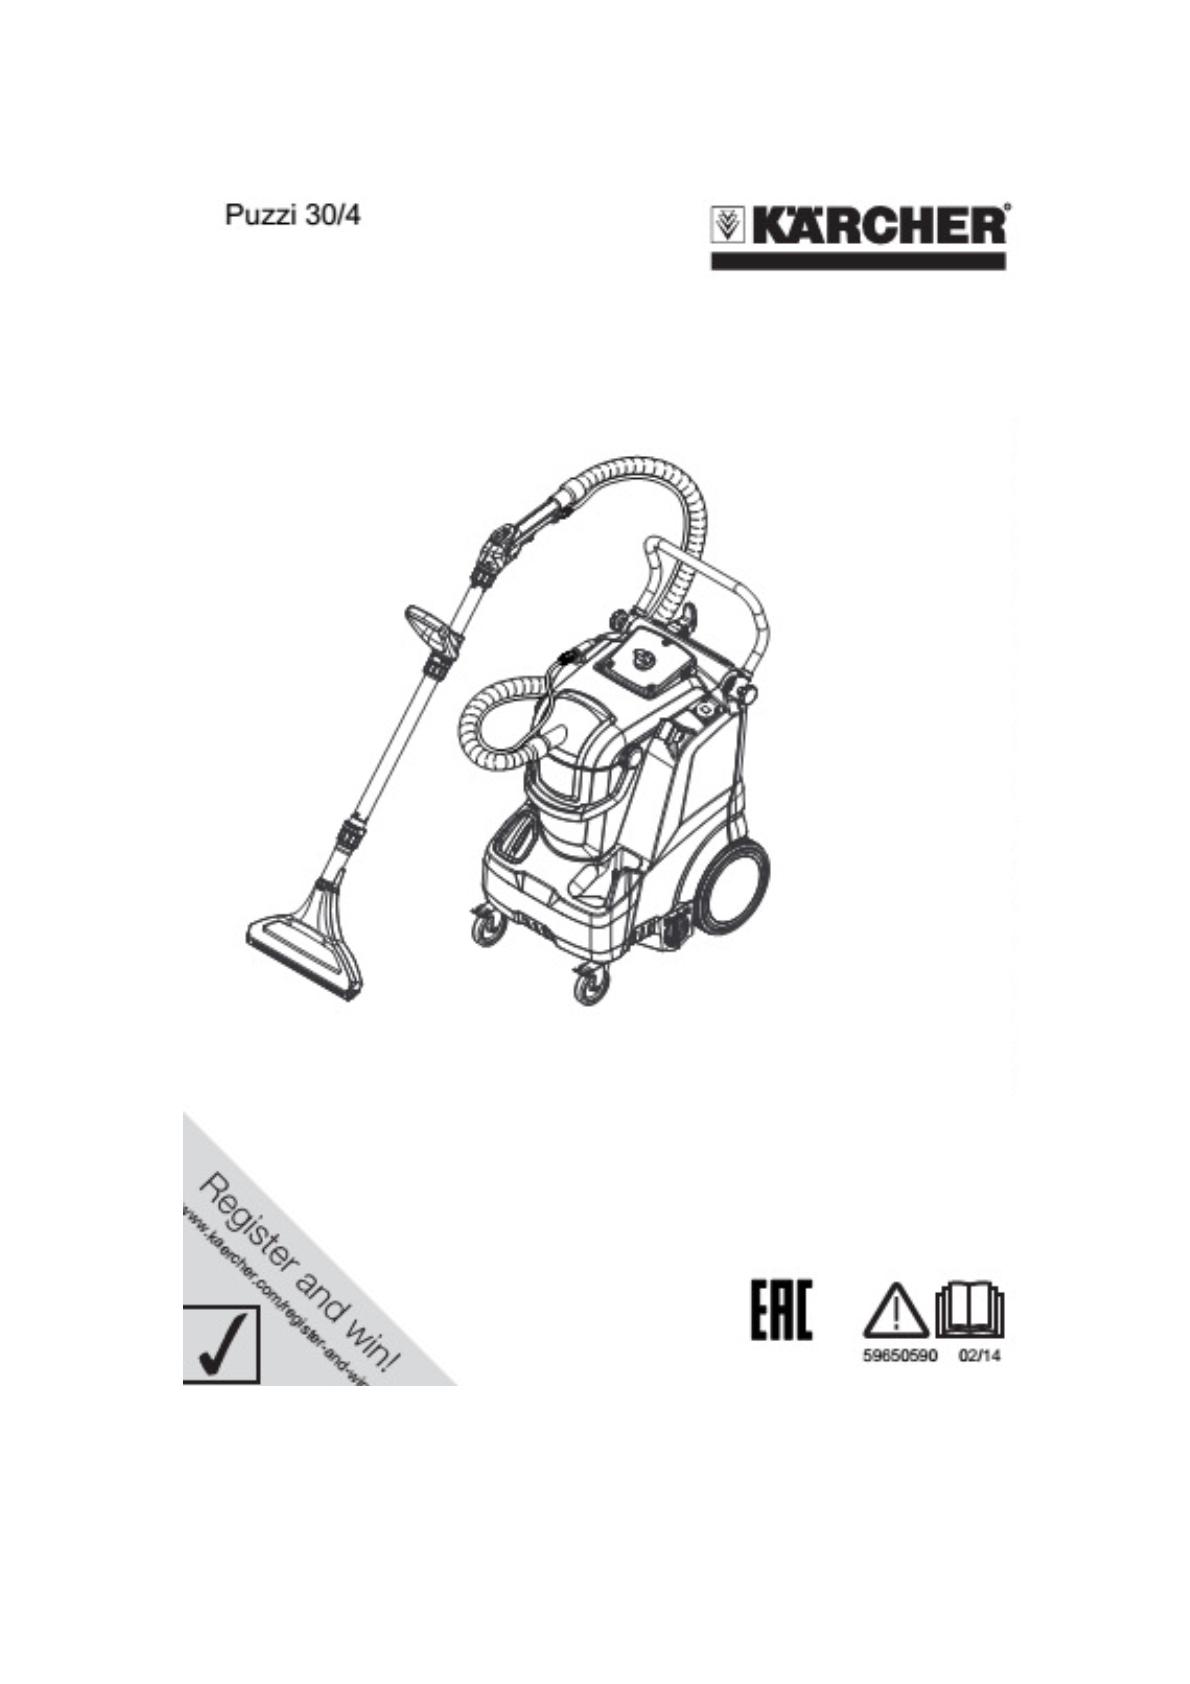 地毯清洗机 PUZZI 30/4 说明书说明书下载